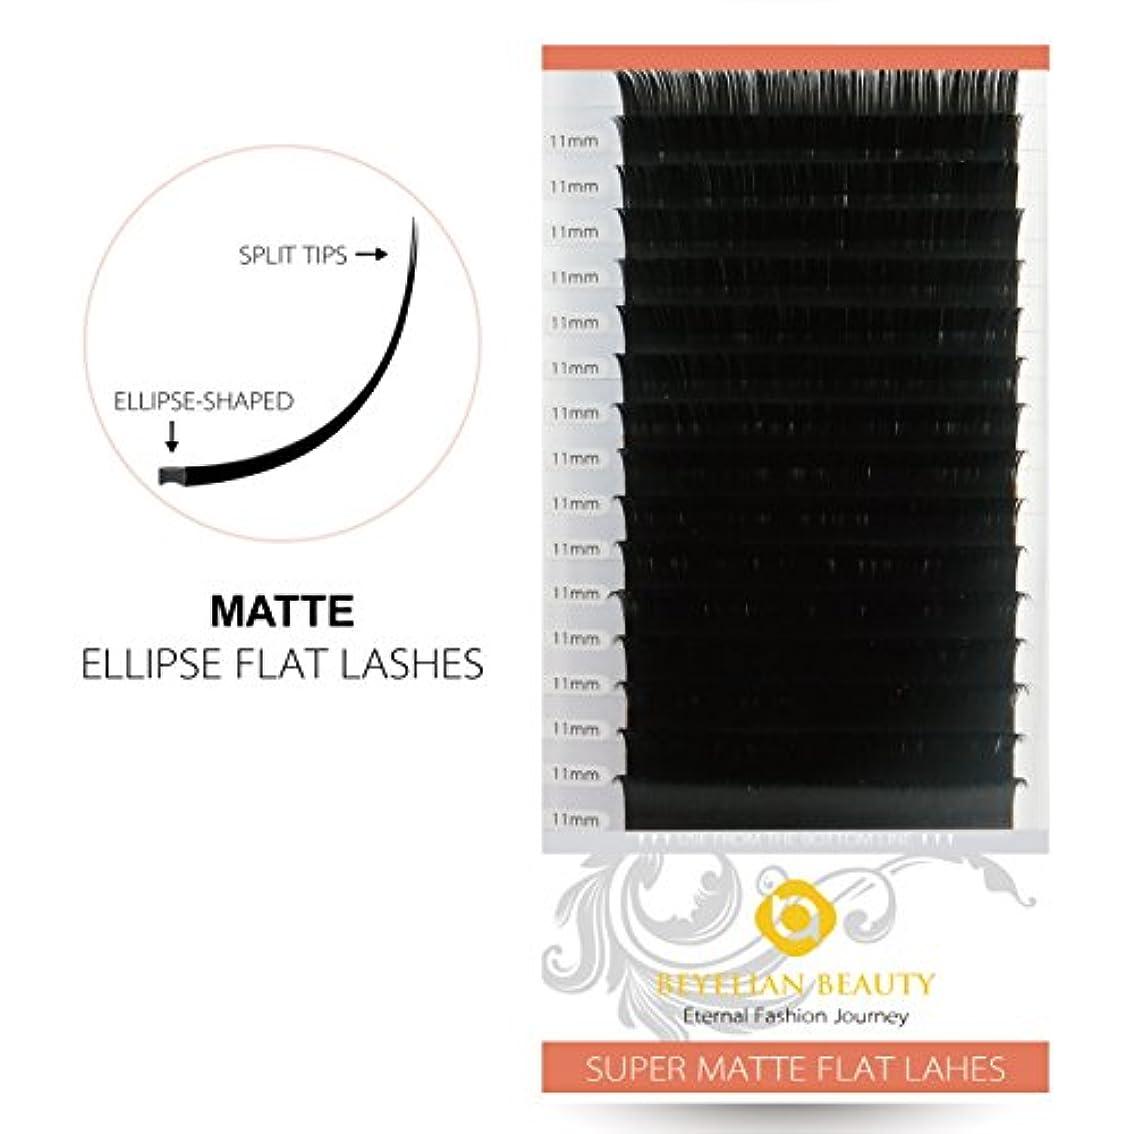 アデレードレザーグレートオークBEYELIAN 楕円まつげエクステ 太さ0.15㎜ 長さ11㎜Cカールまつ毛エクステンション 専門的なサロン用マツエク12列